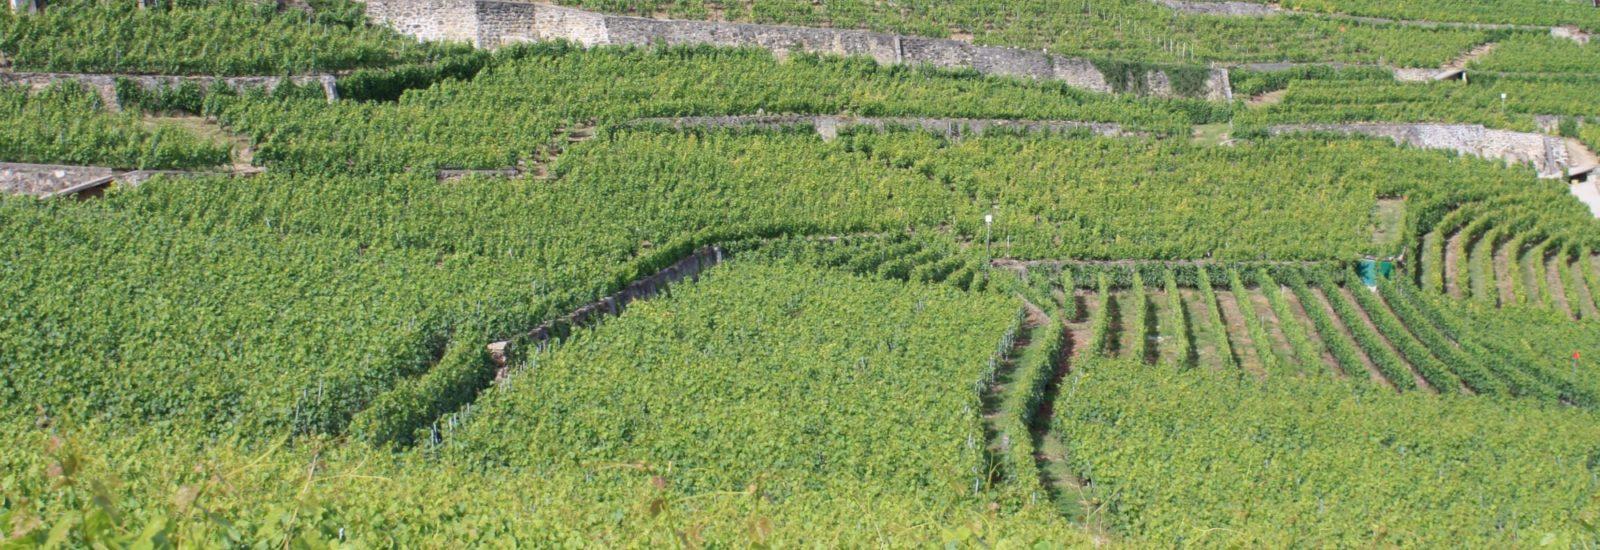 Swiss Vineyards